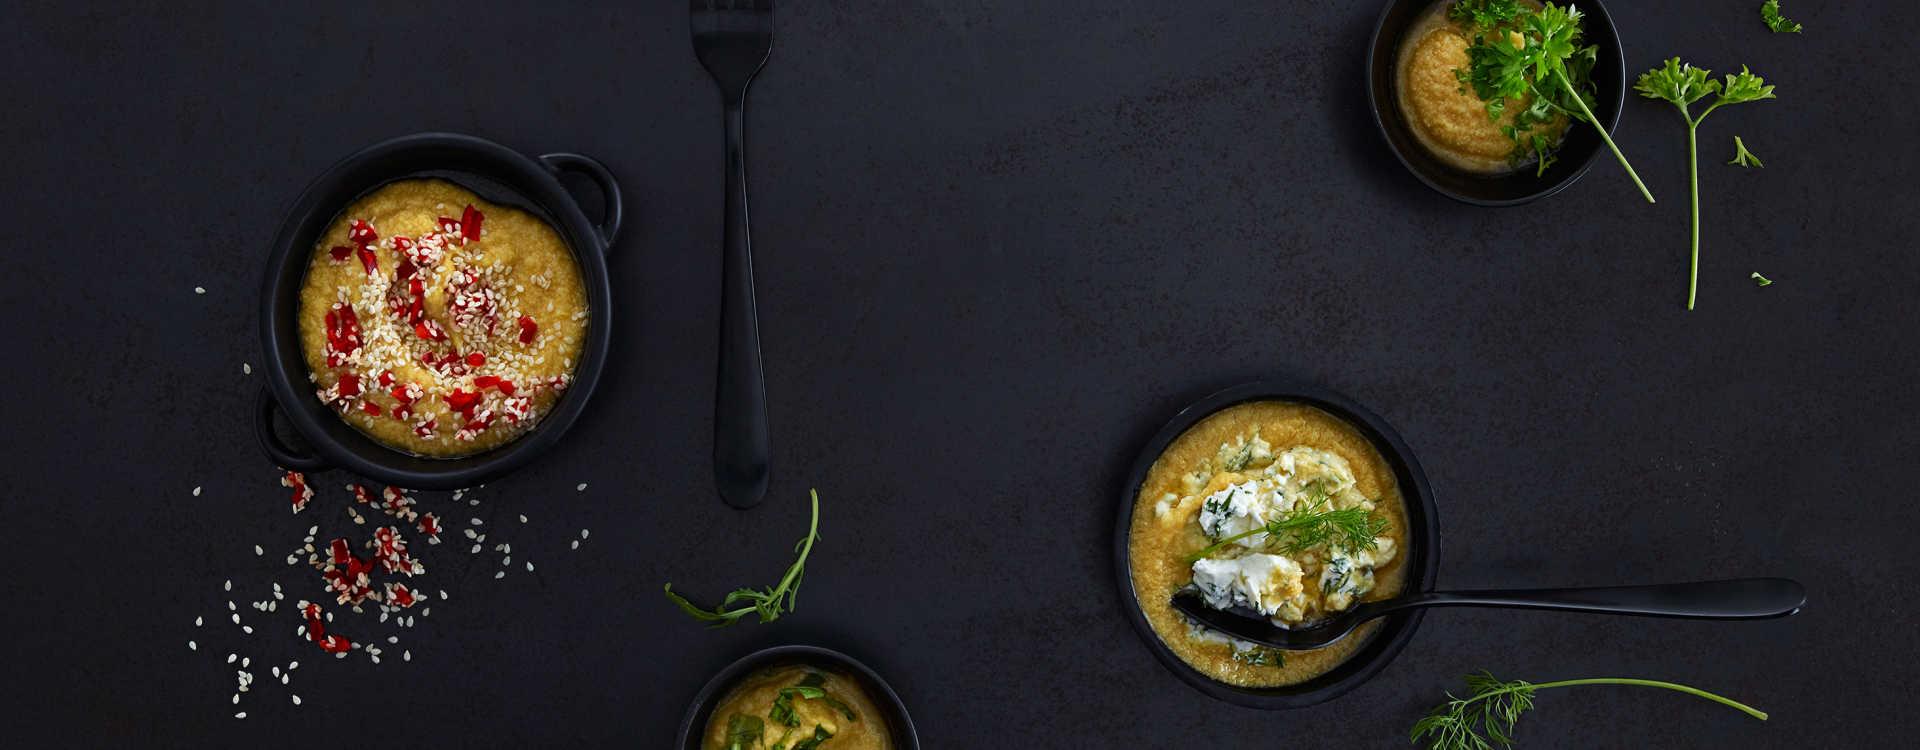 Hummus med ruccola